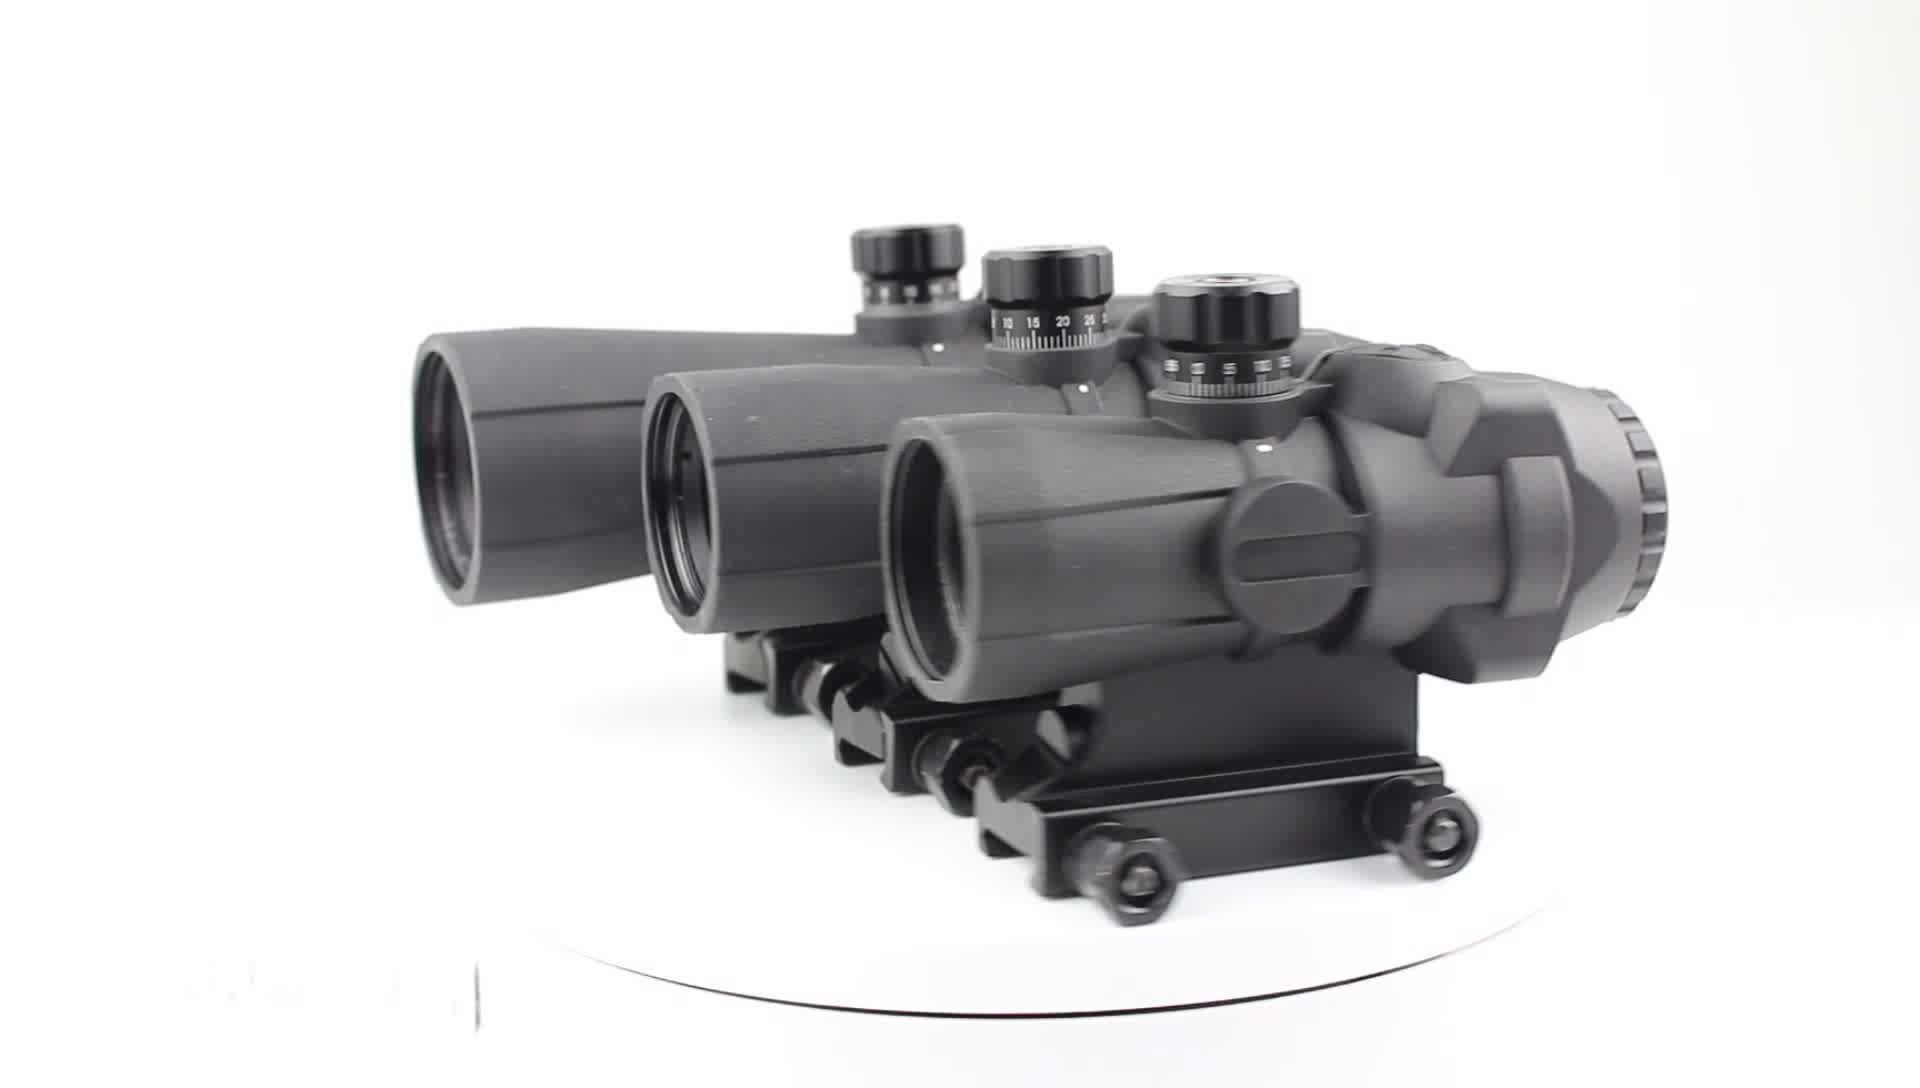 141-3x30 सैन्य Picatinny 20mm माउंट मिल-डॉट ऑप्टिक पीसीपी के लिए राइफल गुंजाइश